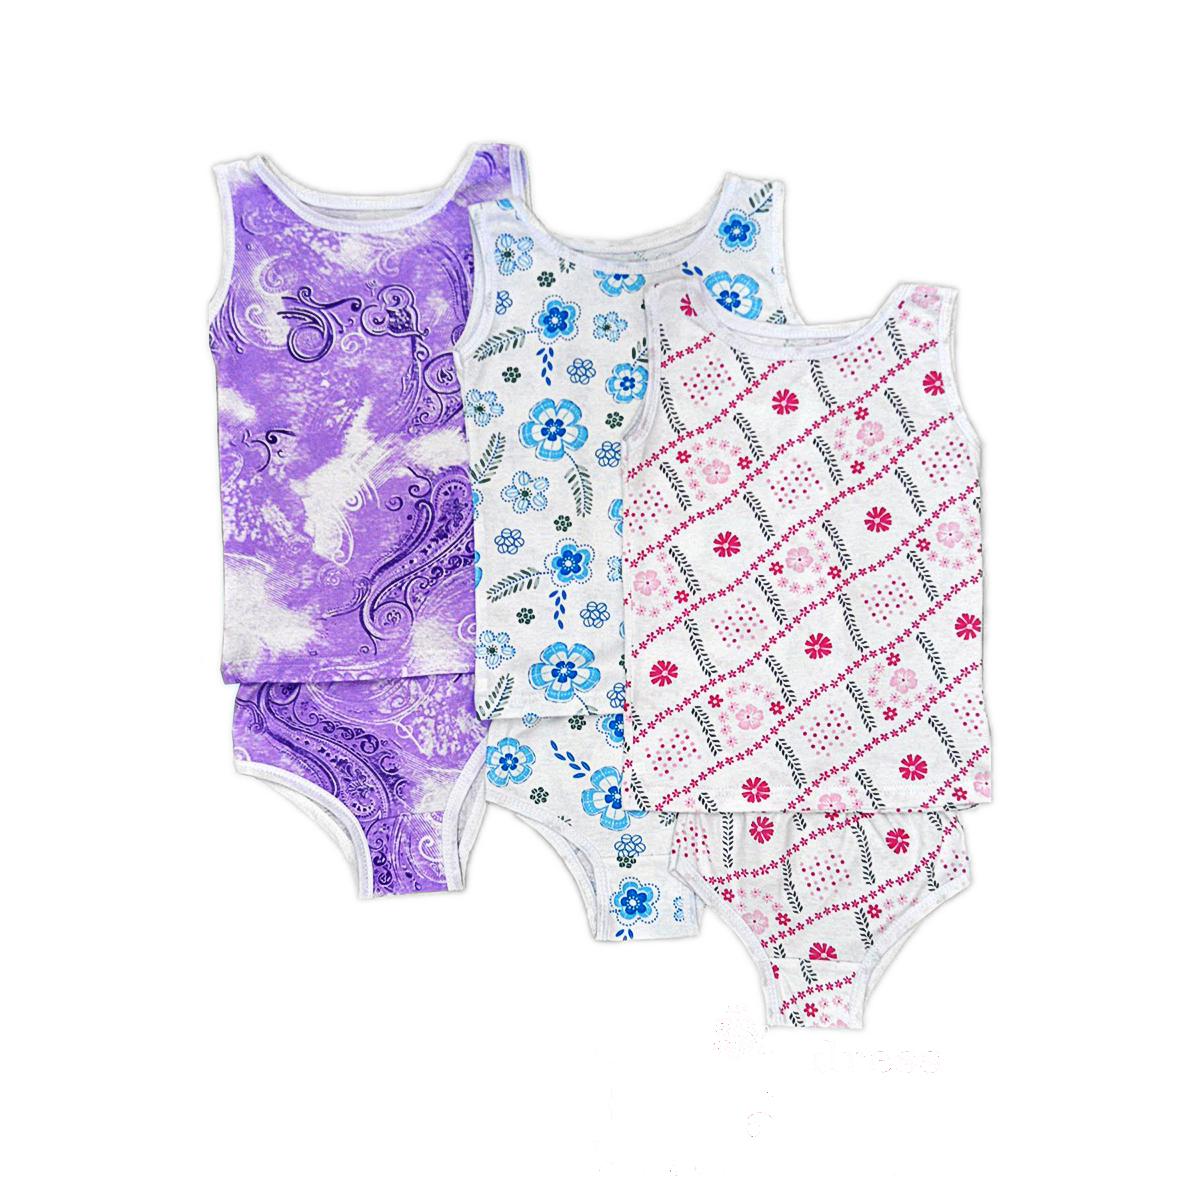 Детский комплект Софушка, размер 32Нижнее и нательное белье<br><br><br>Тип: Дет. трусы<br>Размер: 32<br>Материал: Кулирка